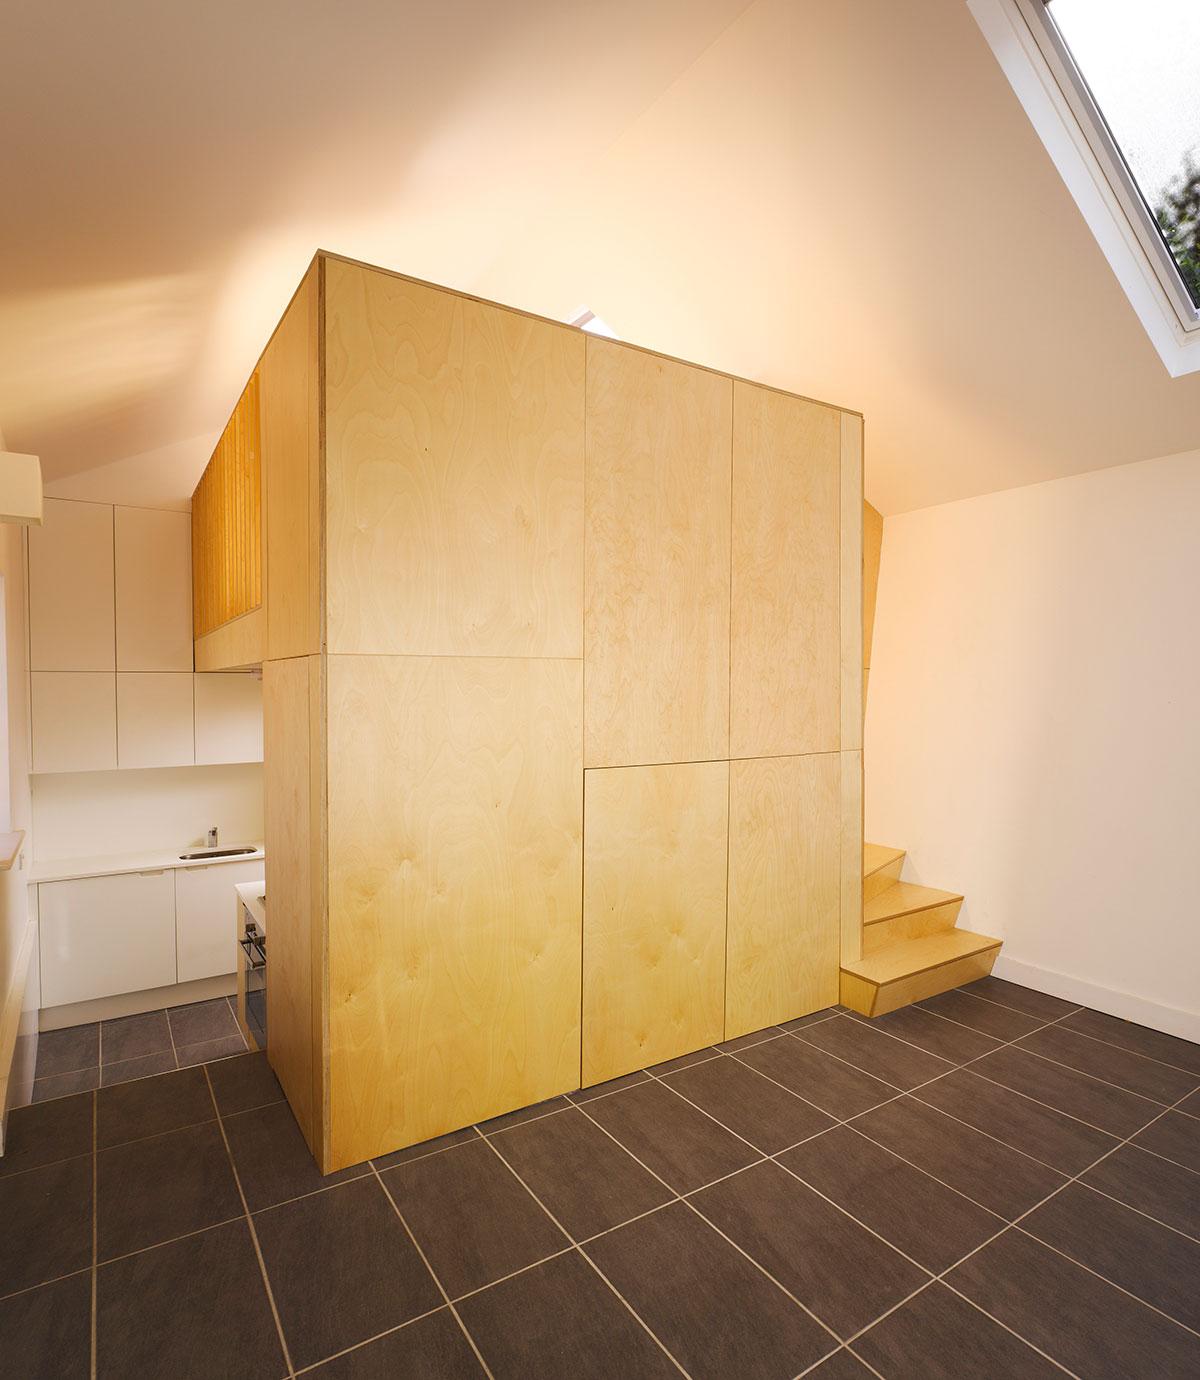 Come creare una nuova stanza senza fare aggiunte alla casa for Planimetrie aggiunte casa